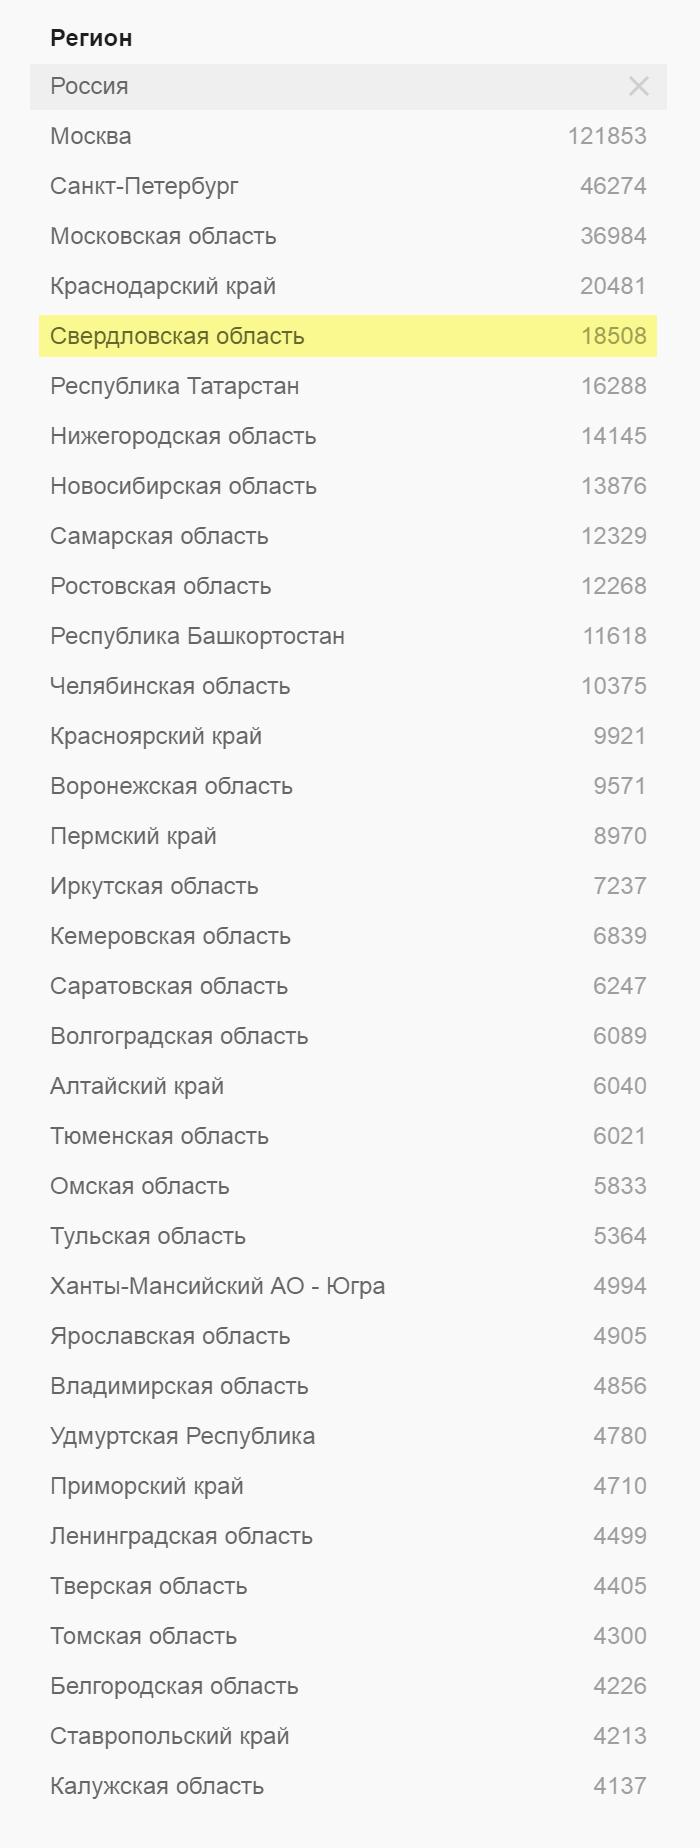 По числу предложений на «Хедхантере» Екатеринбург находится на четвертом месте после Москвы, Санкт-Петербурга и Краснодарского края